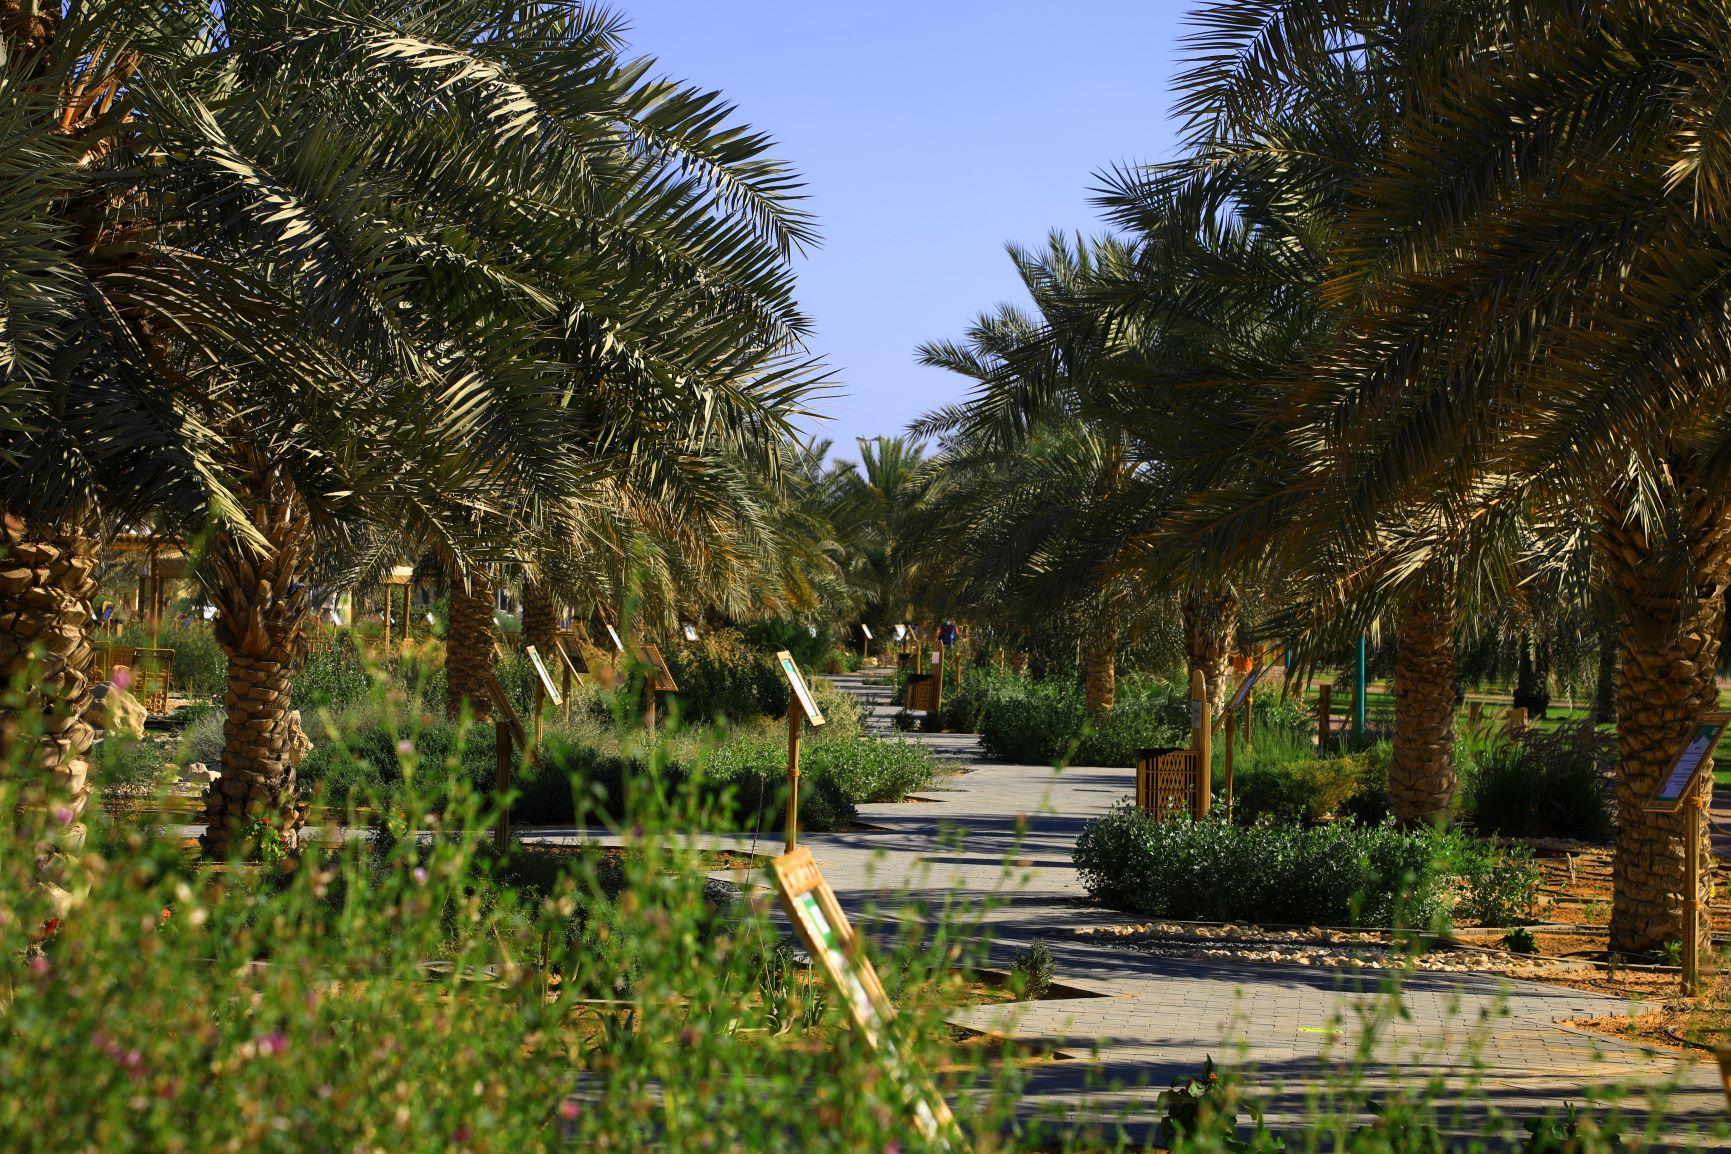 سجلت الإمارات زيادة في إجمالي حجم الانبعاثات الكربونية بلغت 8.708 أطنان (وام)